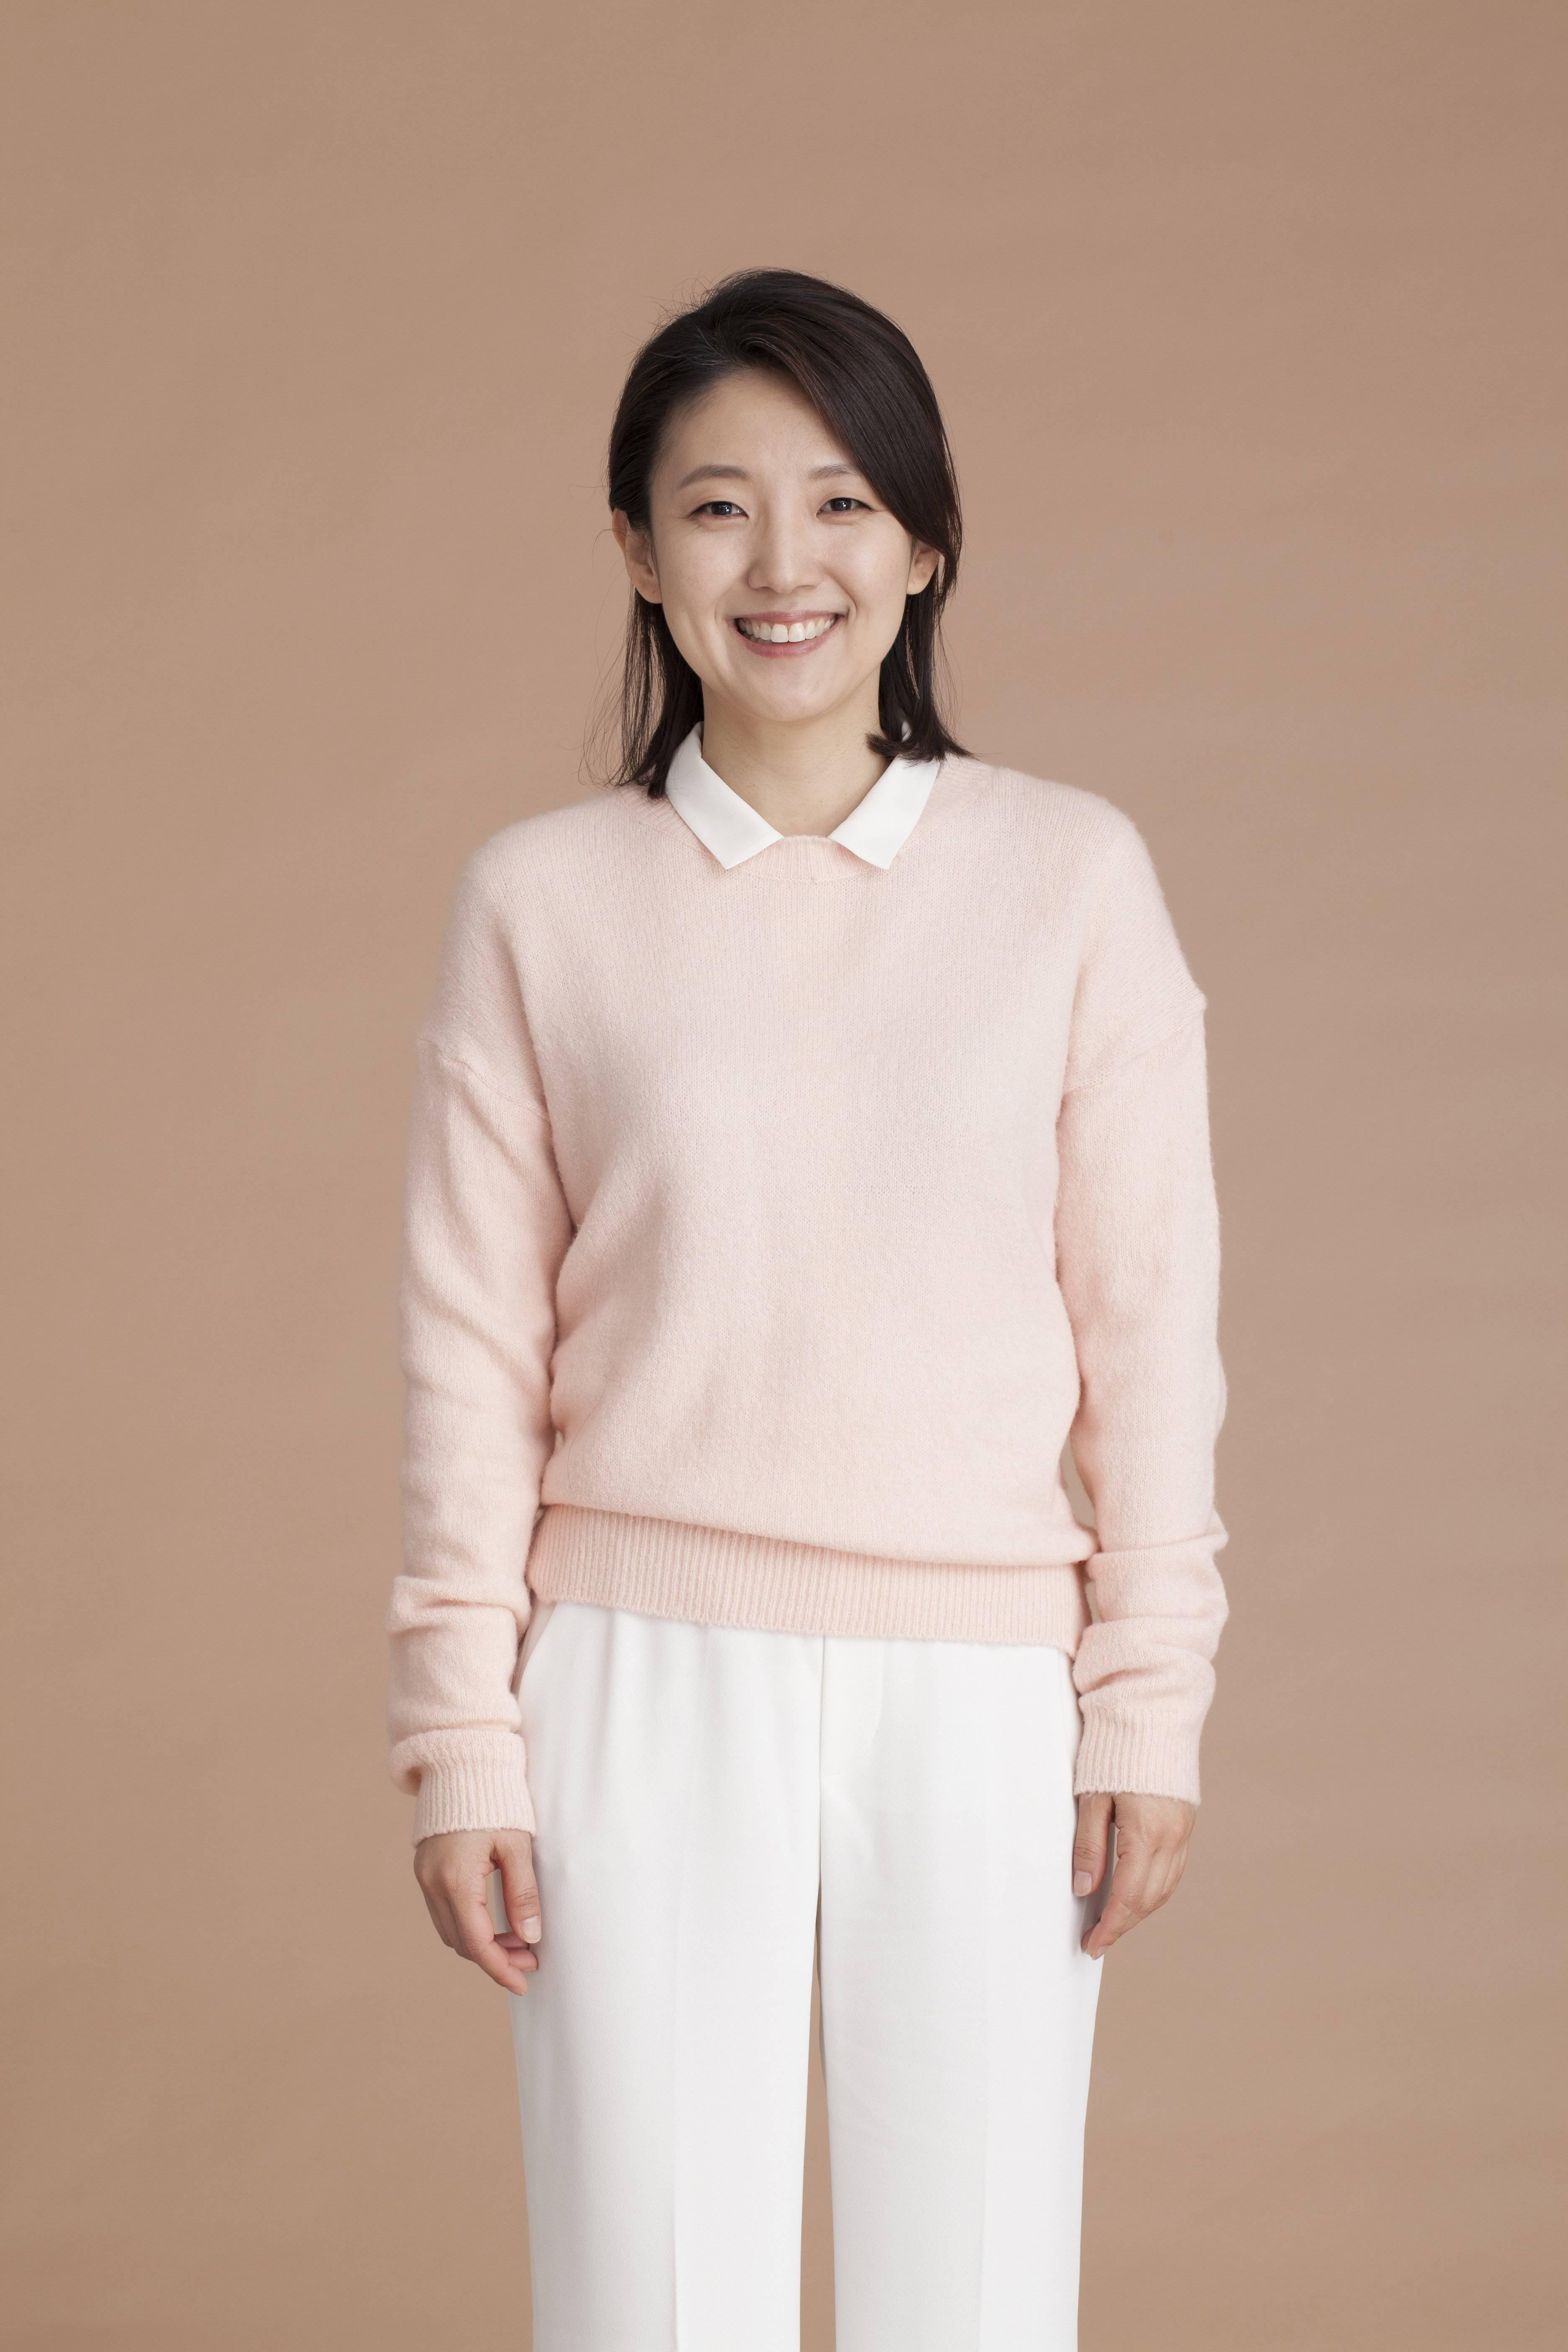 Yun-hong Oh